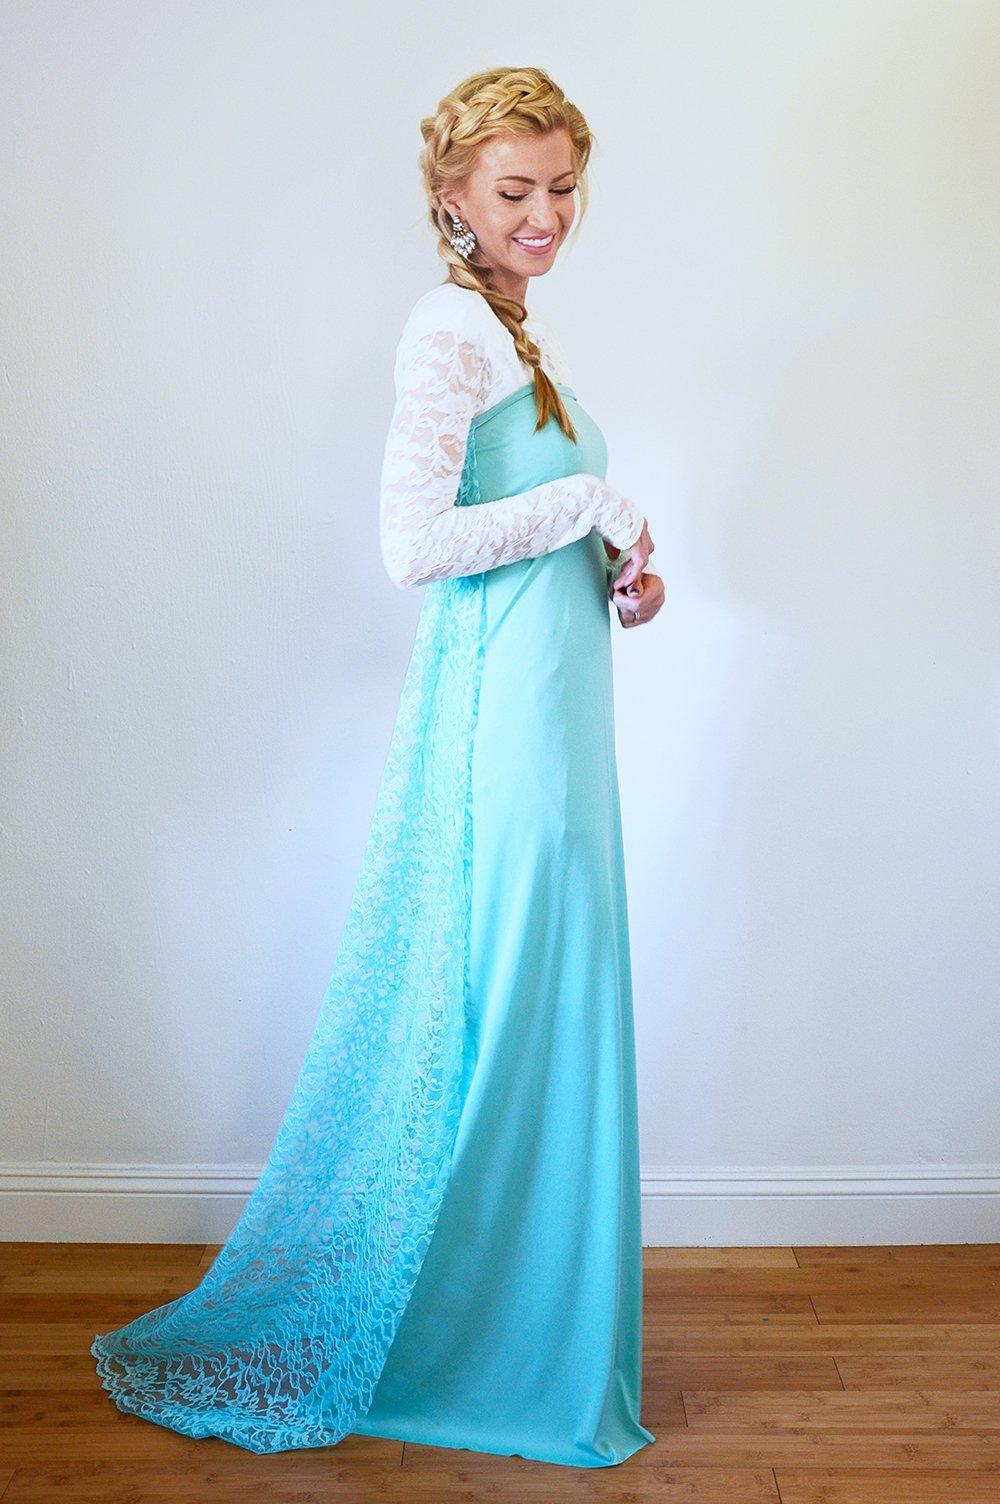 Elsa Costume | merricksart.com